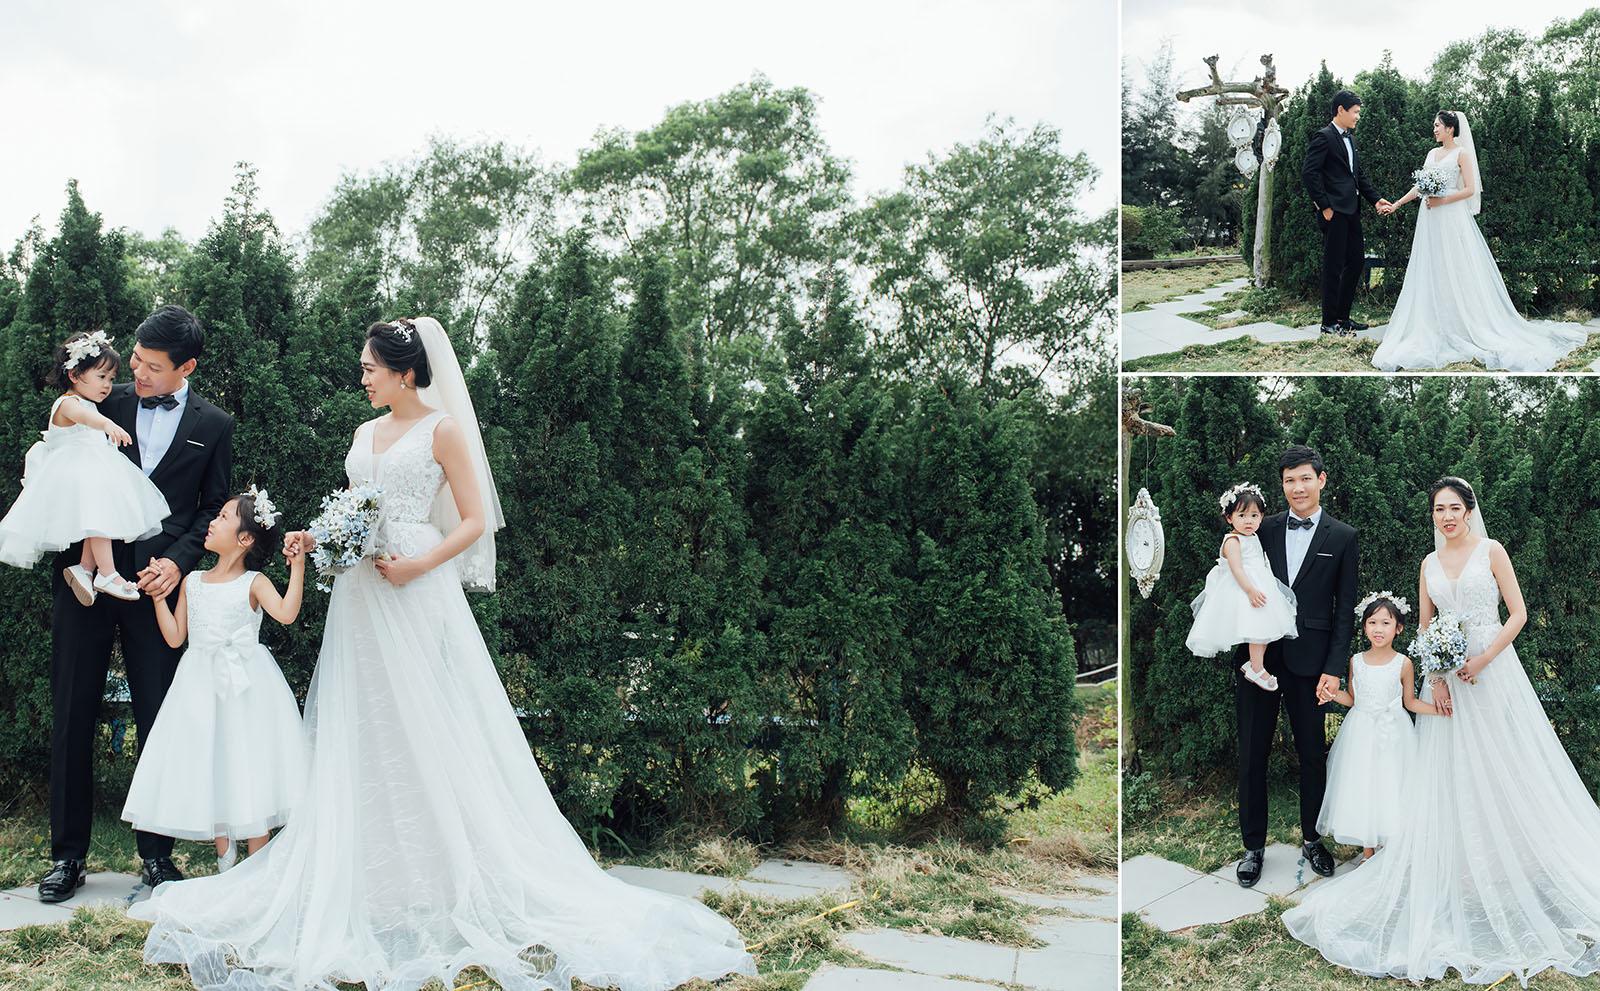 Chụp ảnh cưới gia đình siêu đẹp tại Bạch Tuyết Bridal: Món quà yêu thương thay lời muốn nói